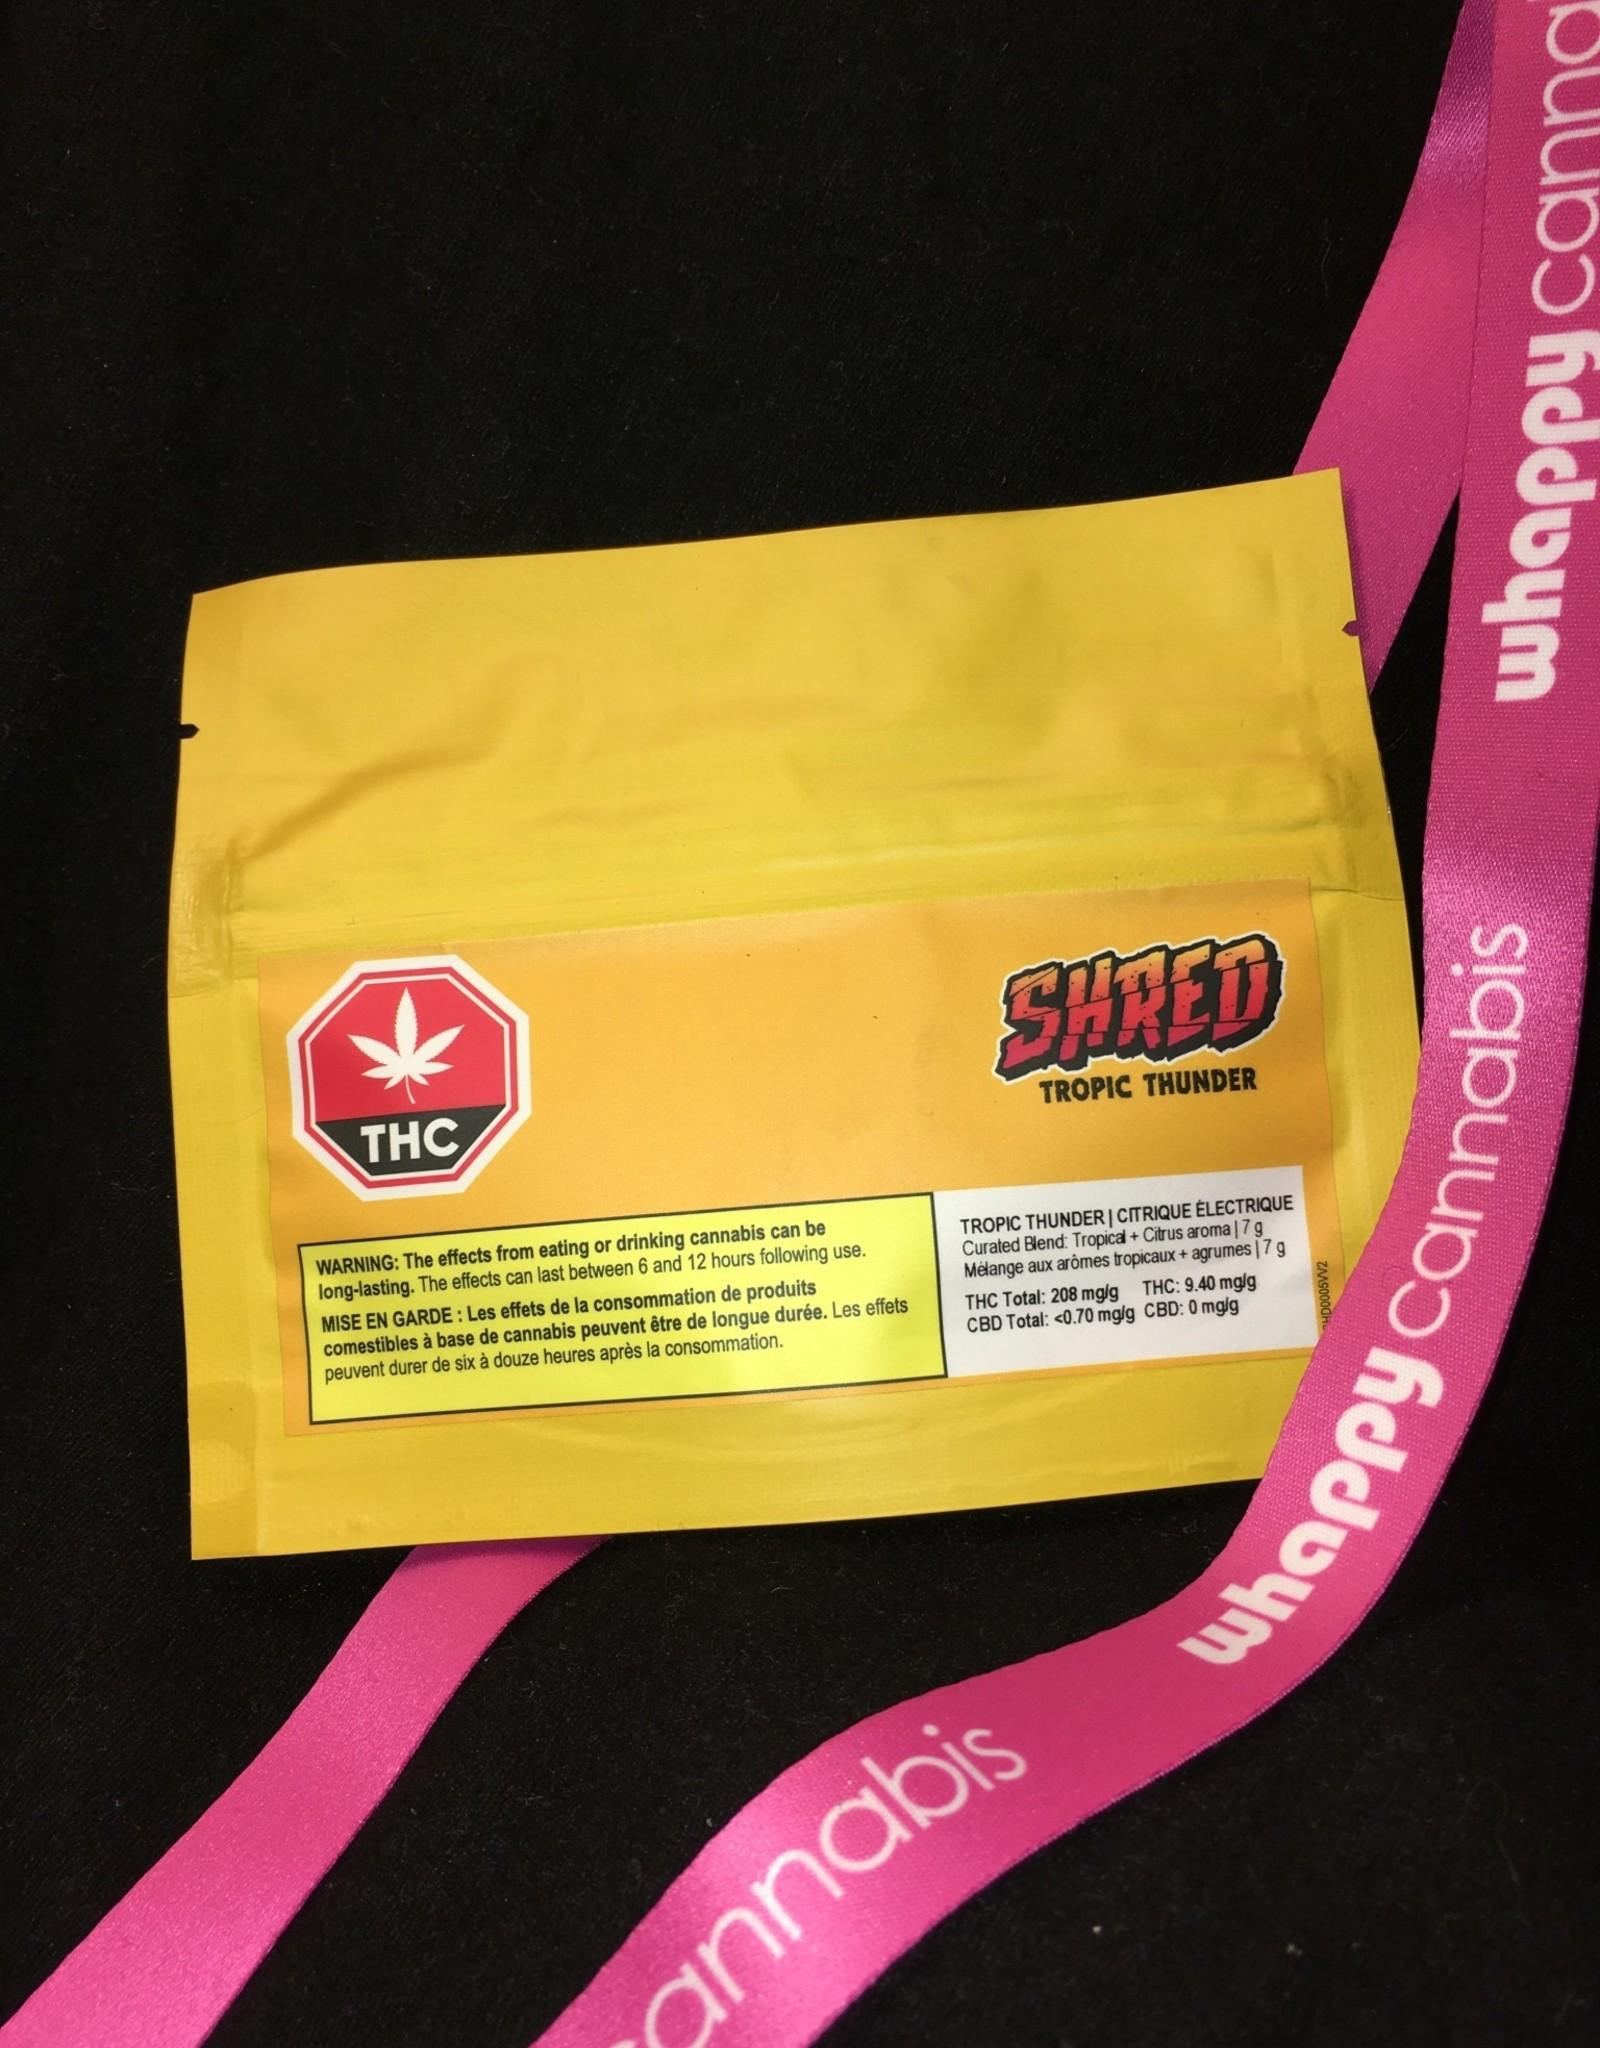 Shred Shred - Tropic Thunder Hybrid 7g